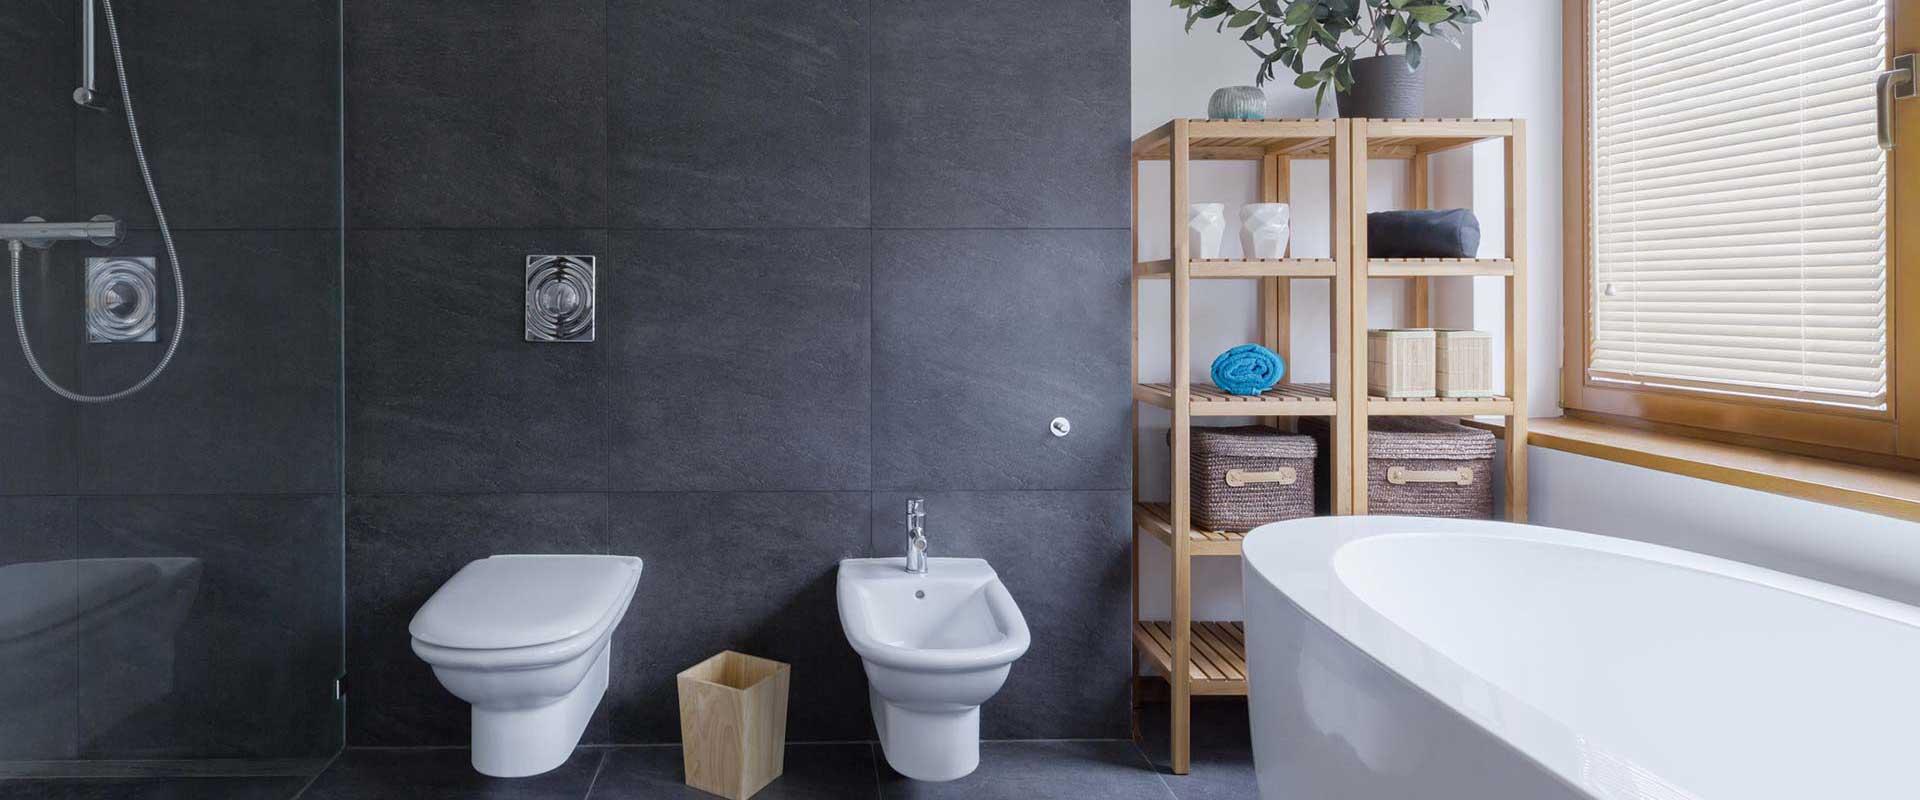 Bathroom Renovations Melbourne Bathrooms Melbourne Bloq Bloq